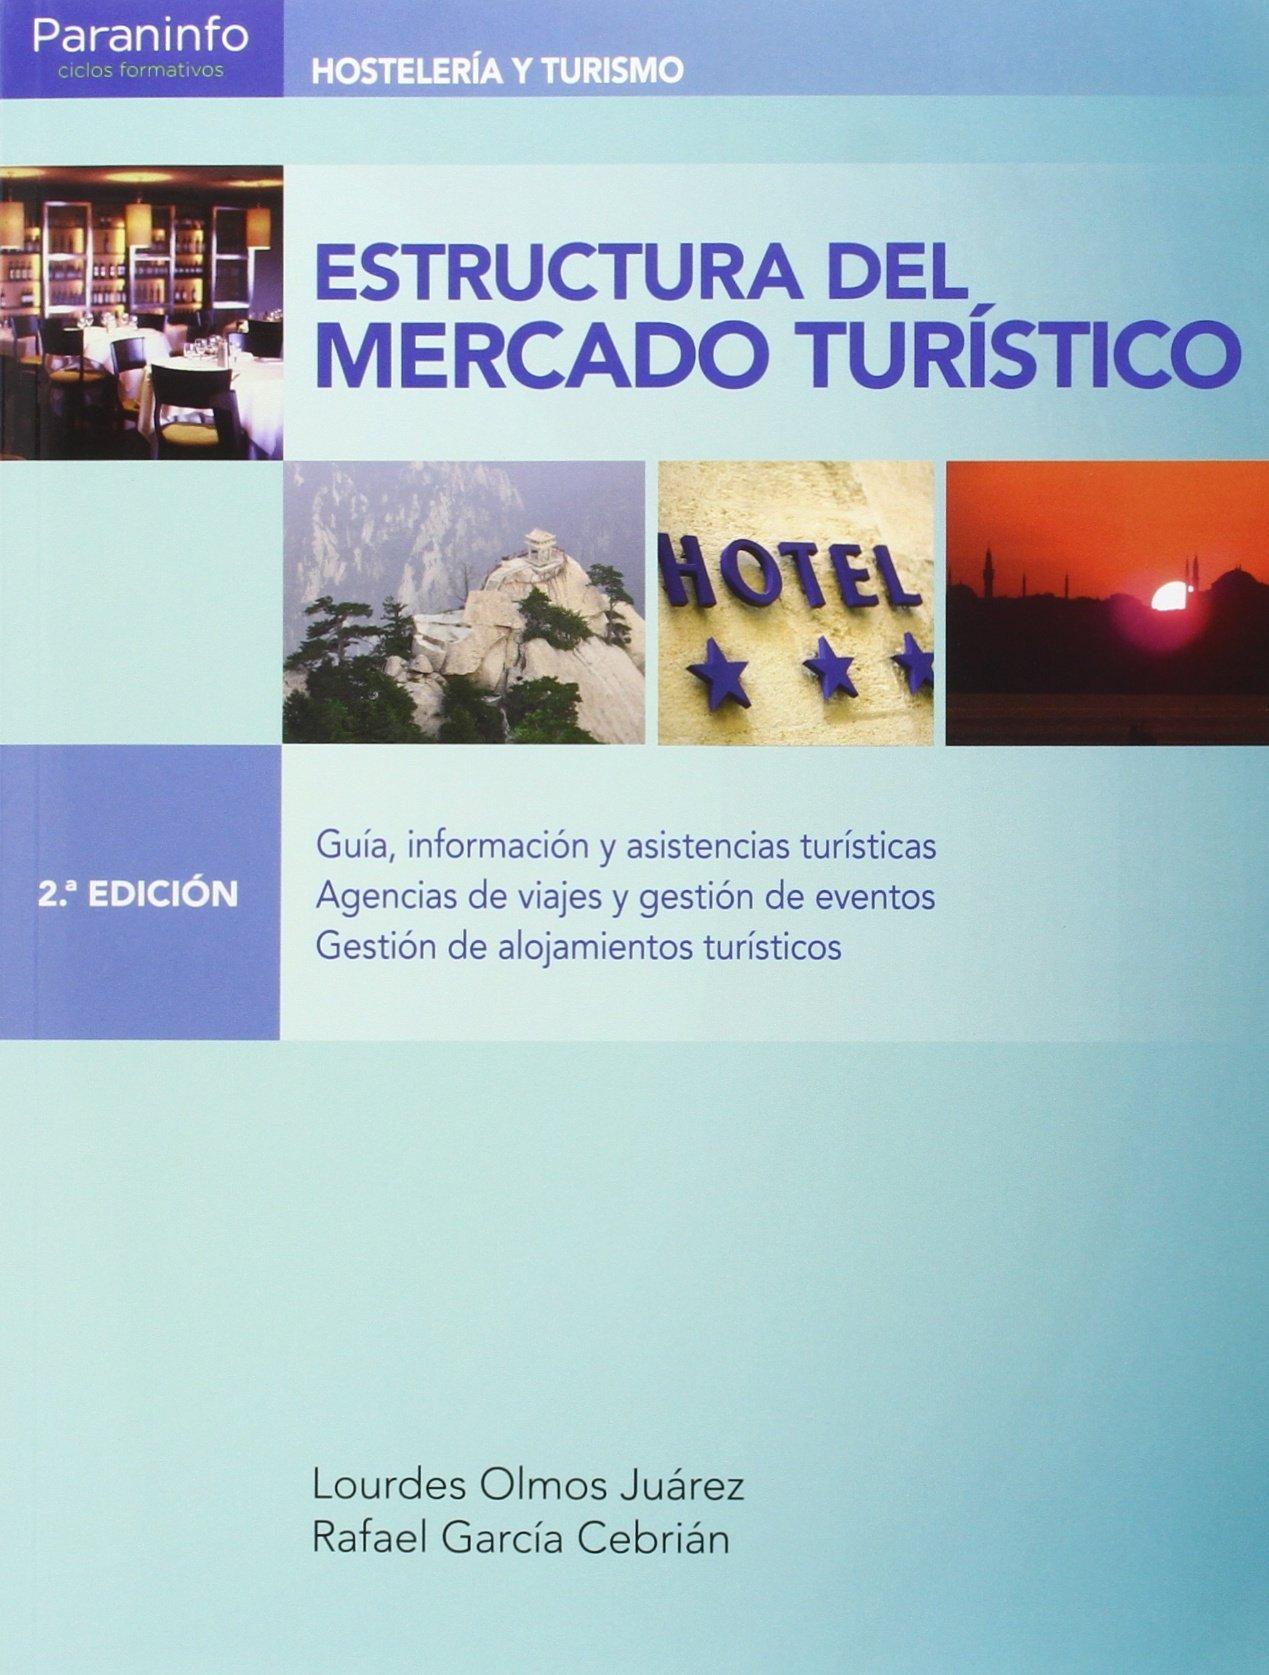 Estructura del mercado turístico 2.ª edición Tapa blanda – 21 abr 2016 RAFAEL GARCÍA CEBRIÁN LOURDES OLMOS JUÁREZ Ediciones Paraninfo S.A